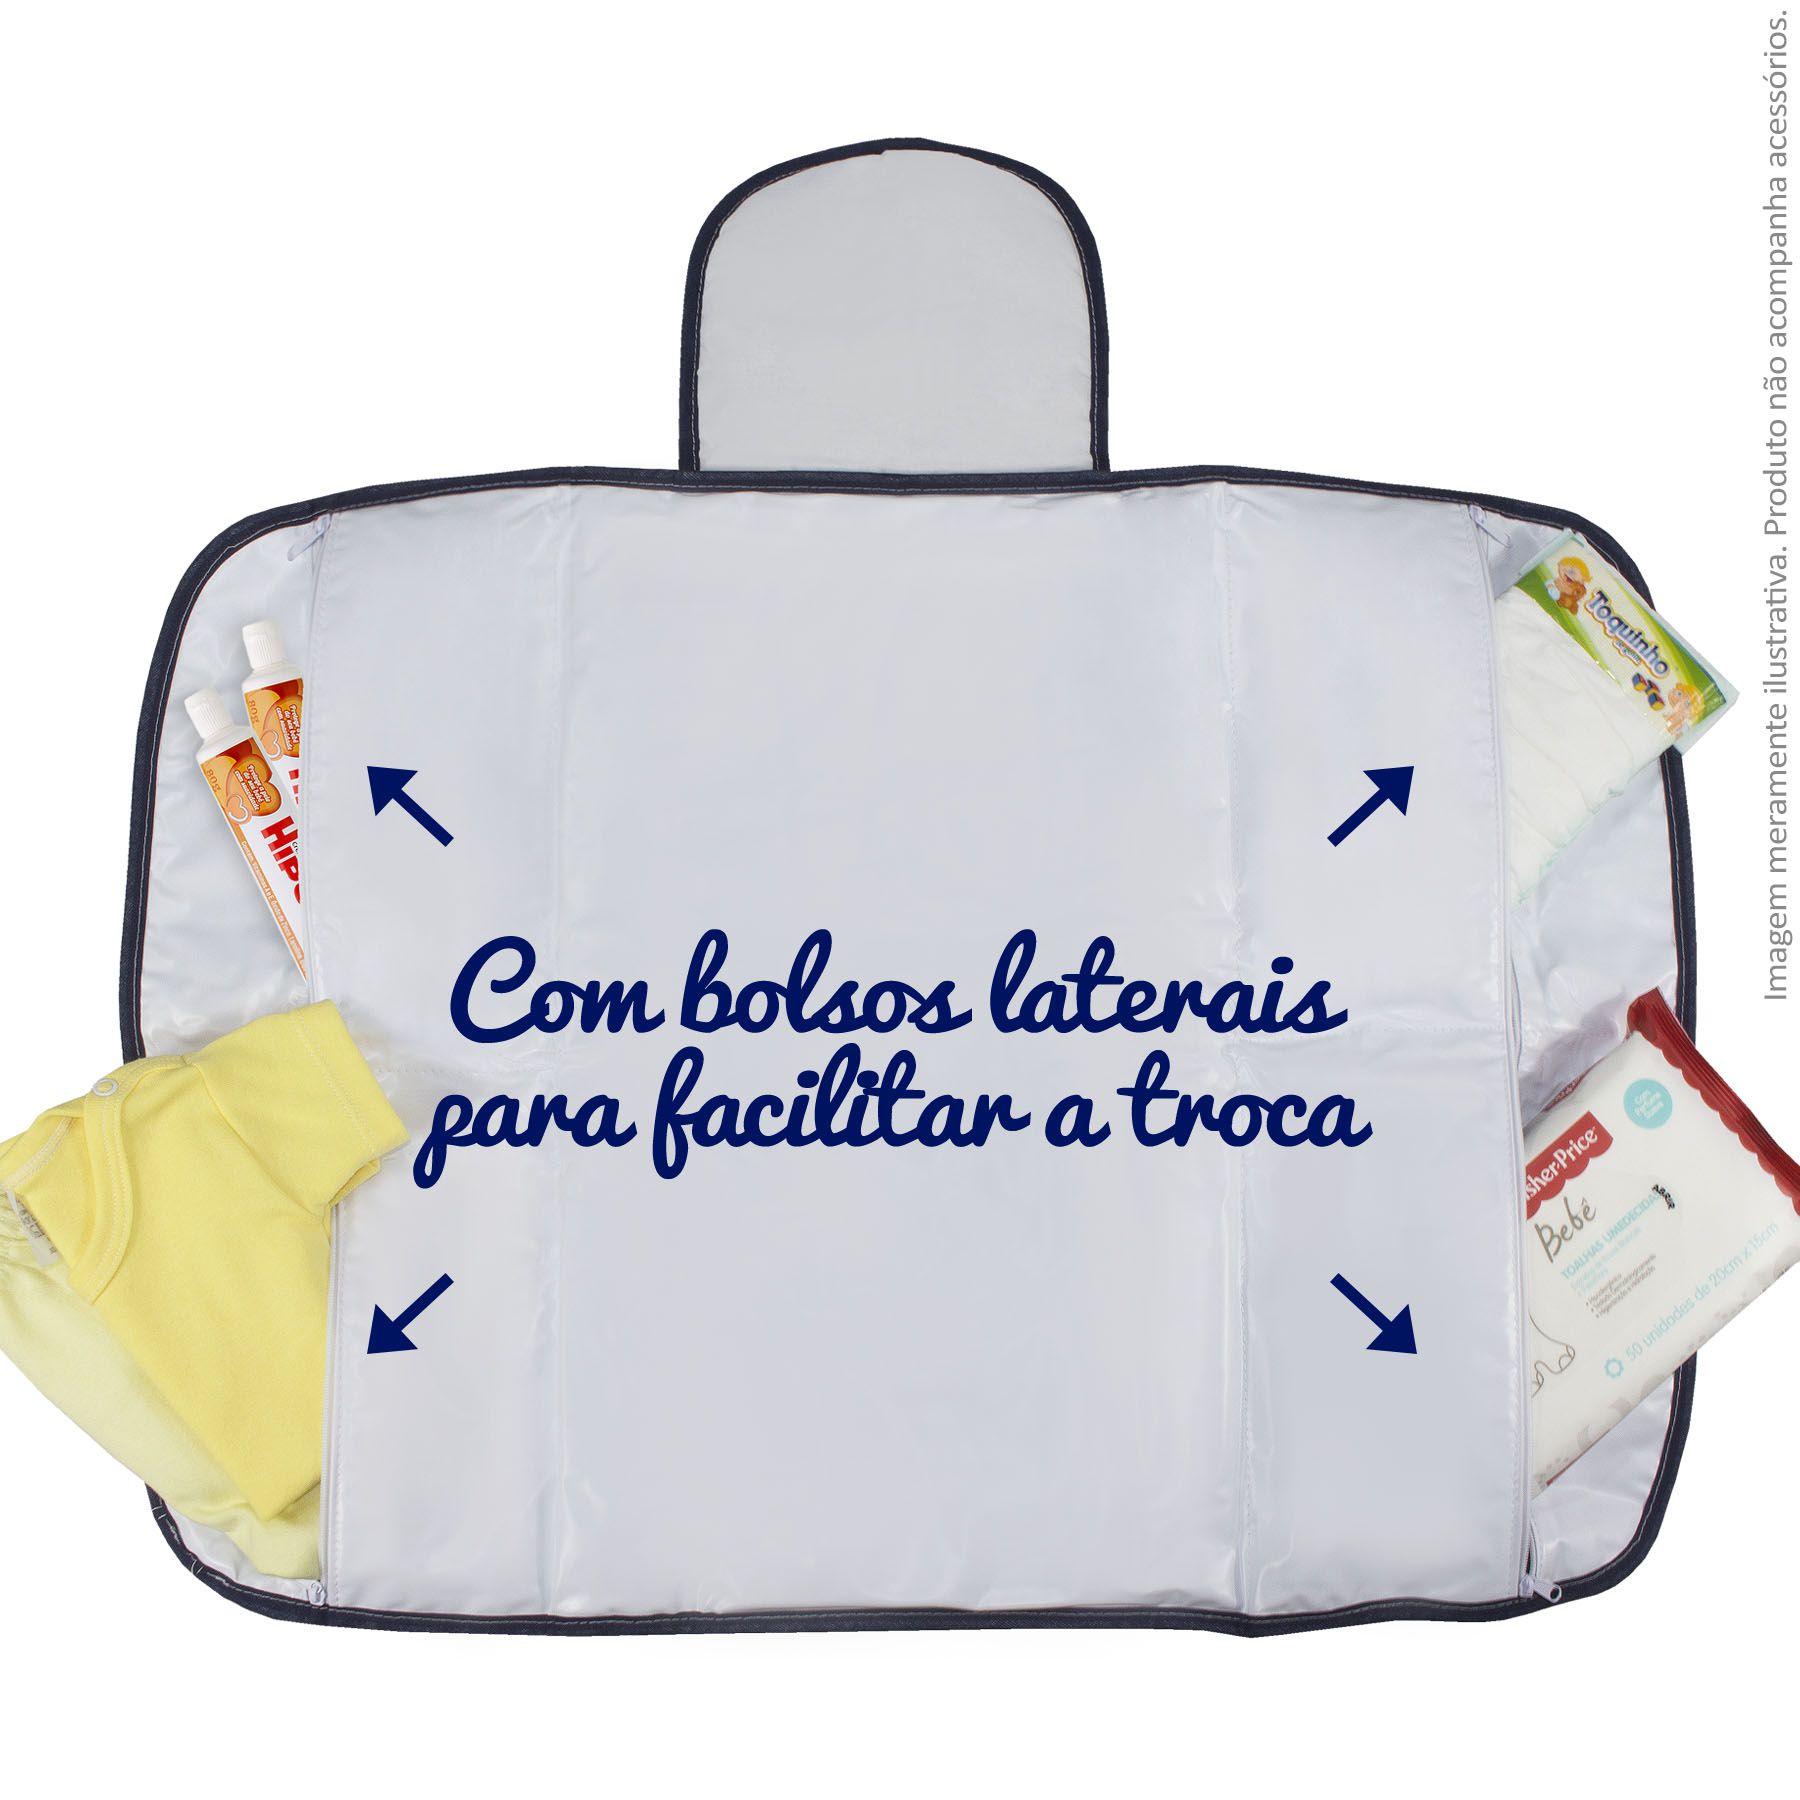 Trocador Portátil c/ Bolsos - Náutico Listrado